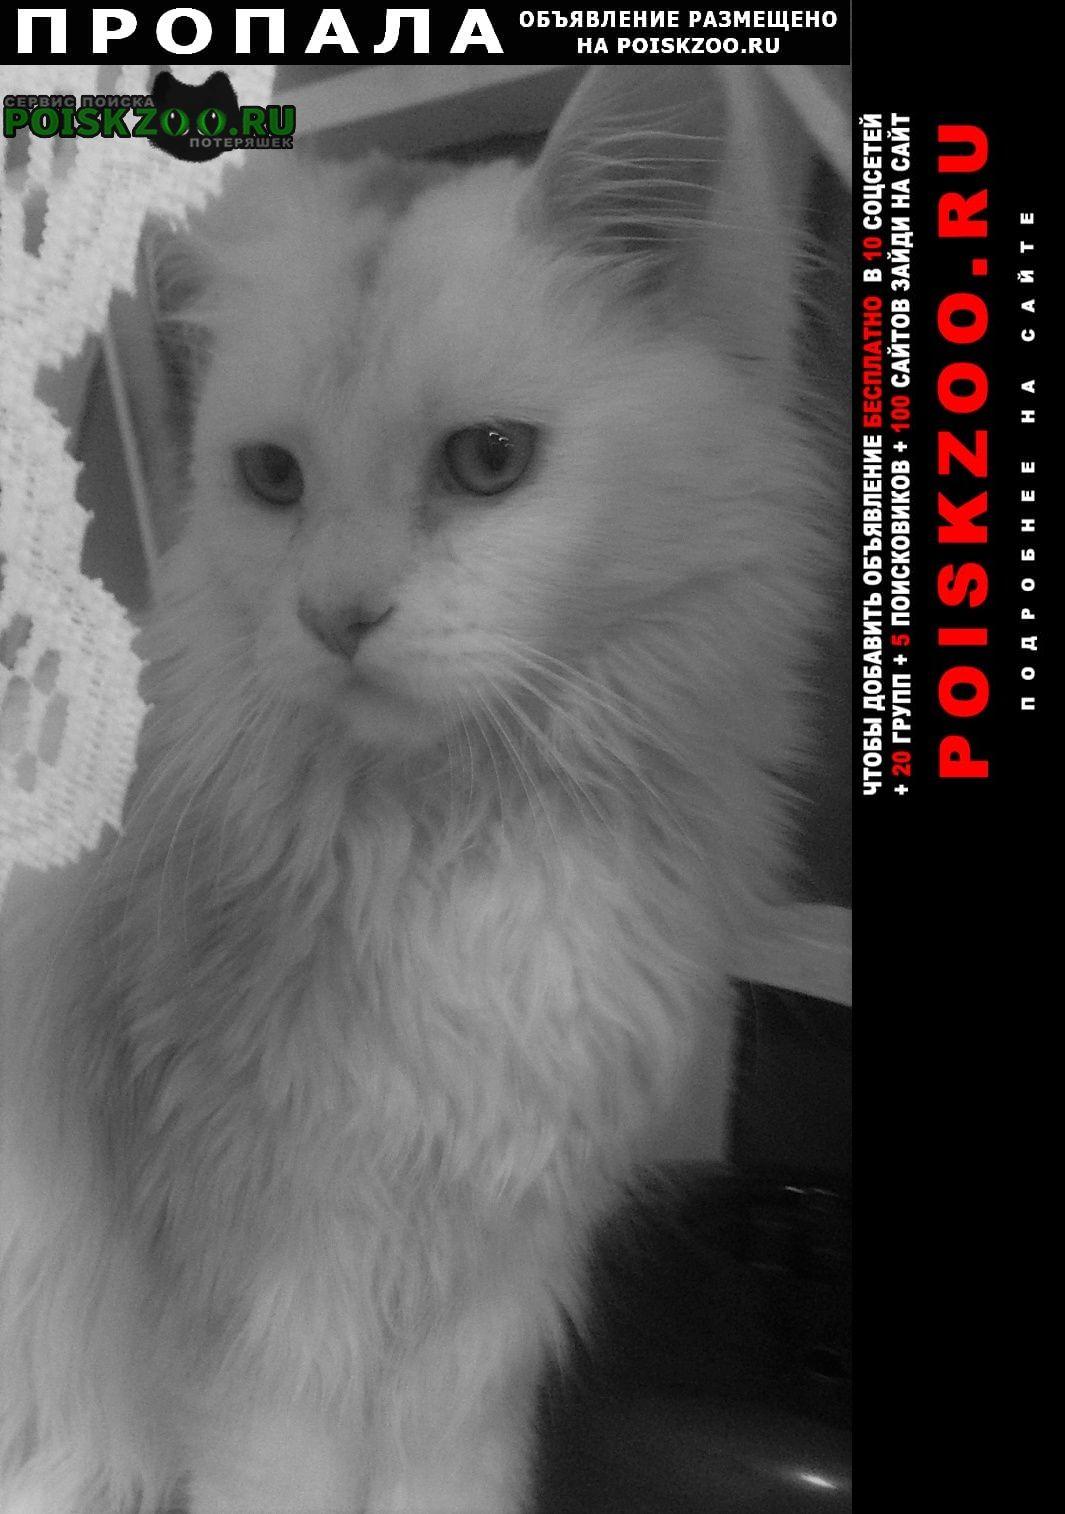 Пропала кошка.. в рабочем поселке Волжский (Волгоградская обл.)